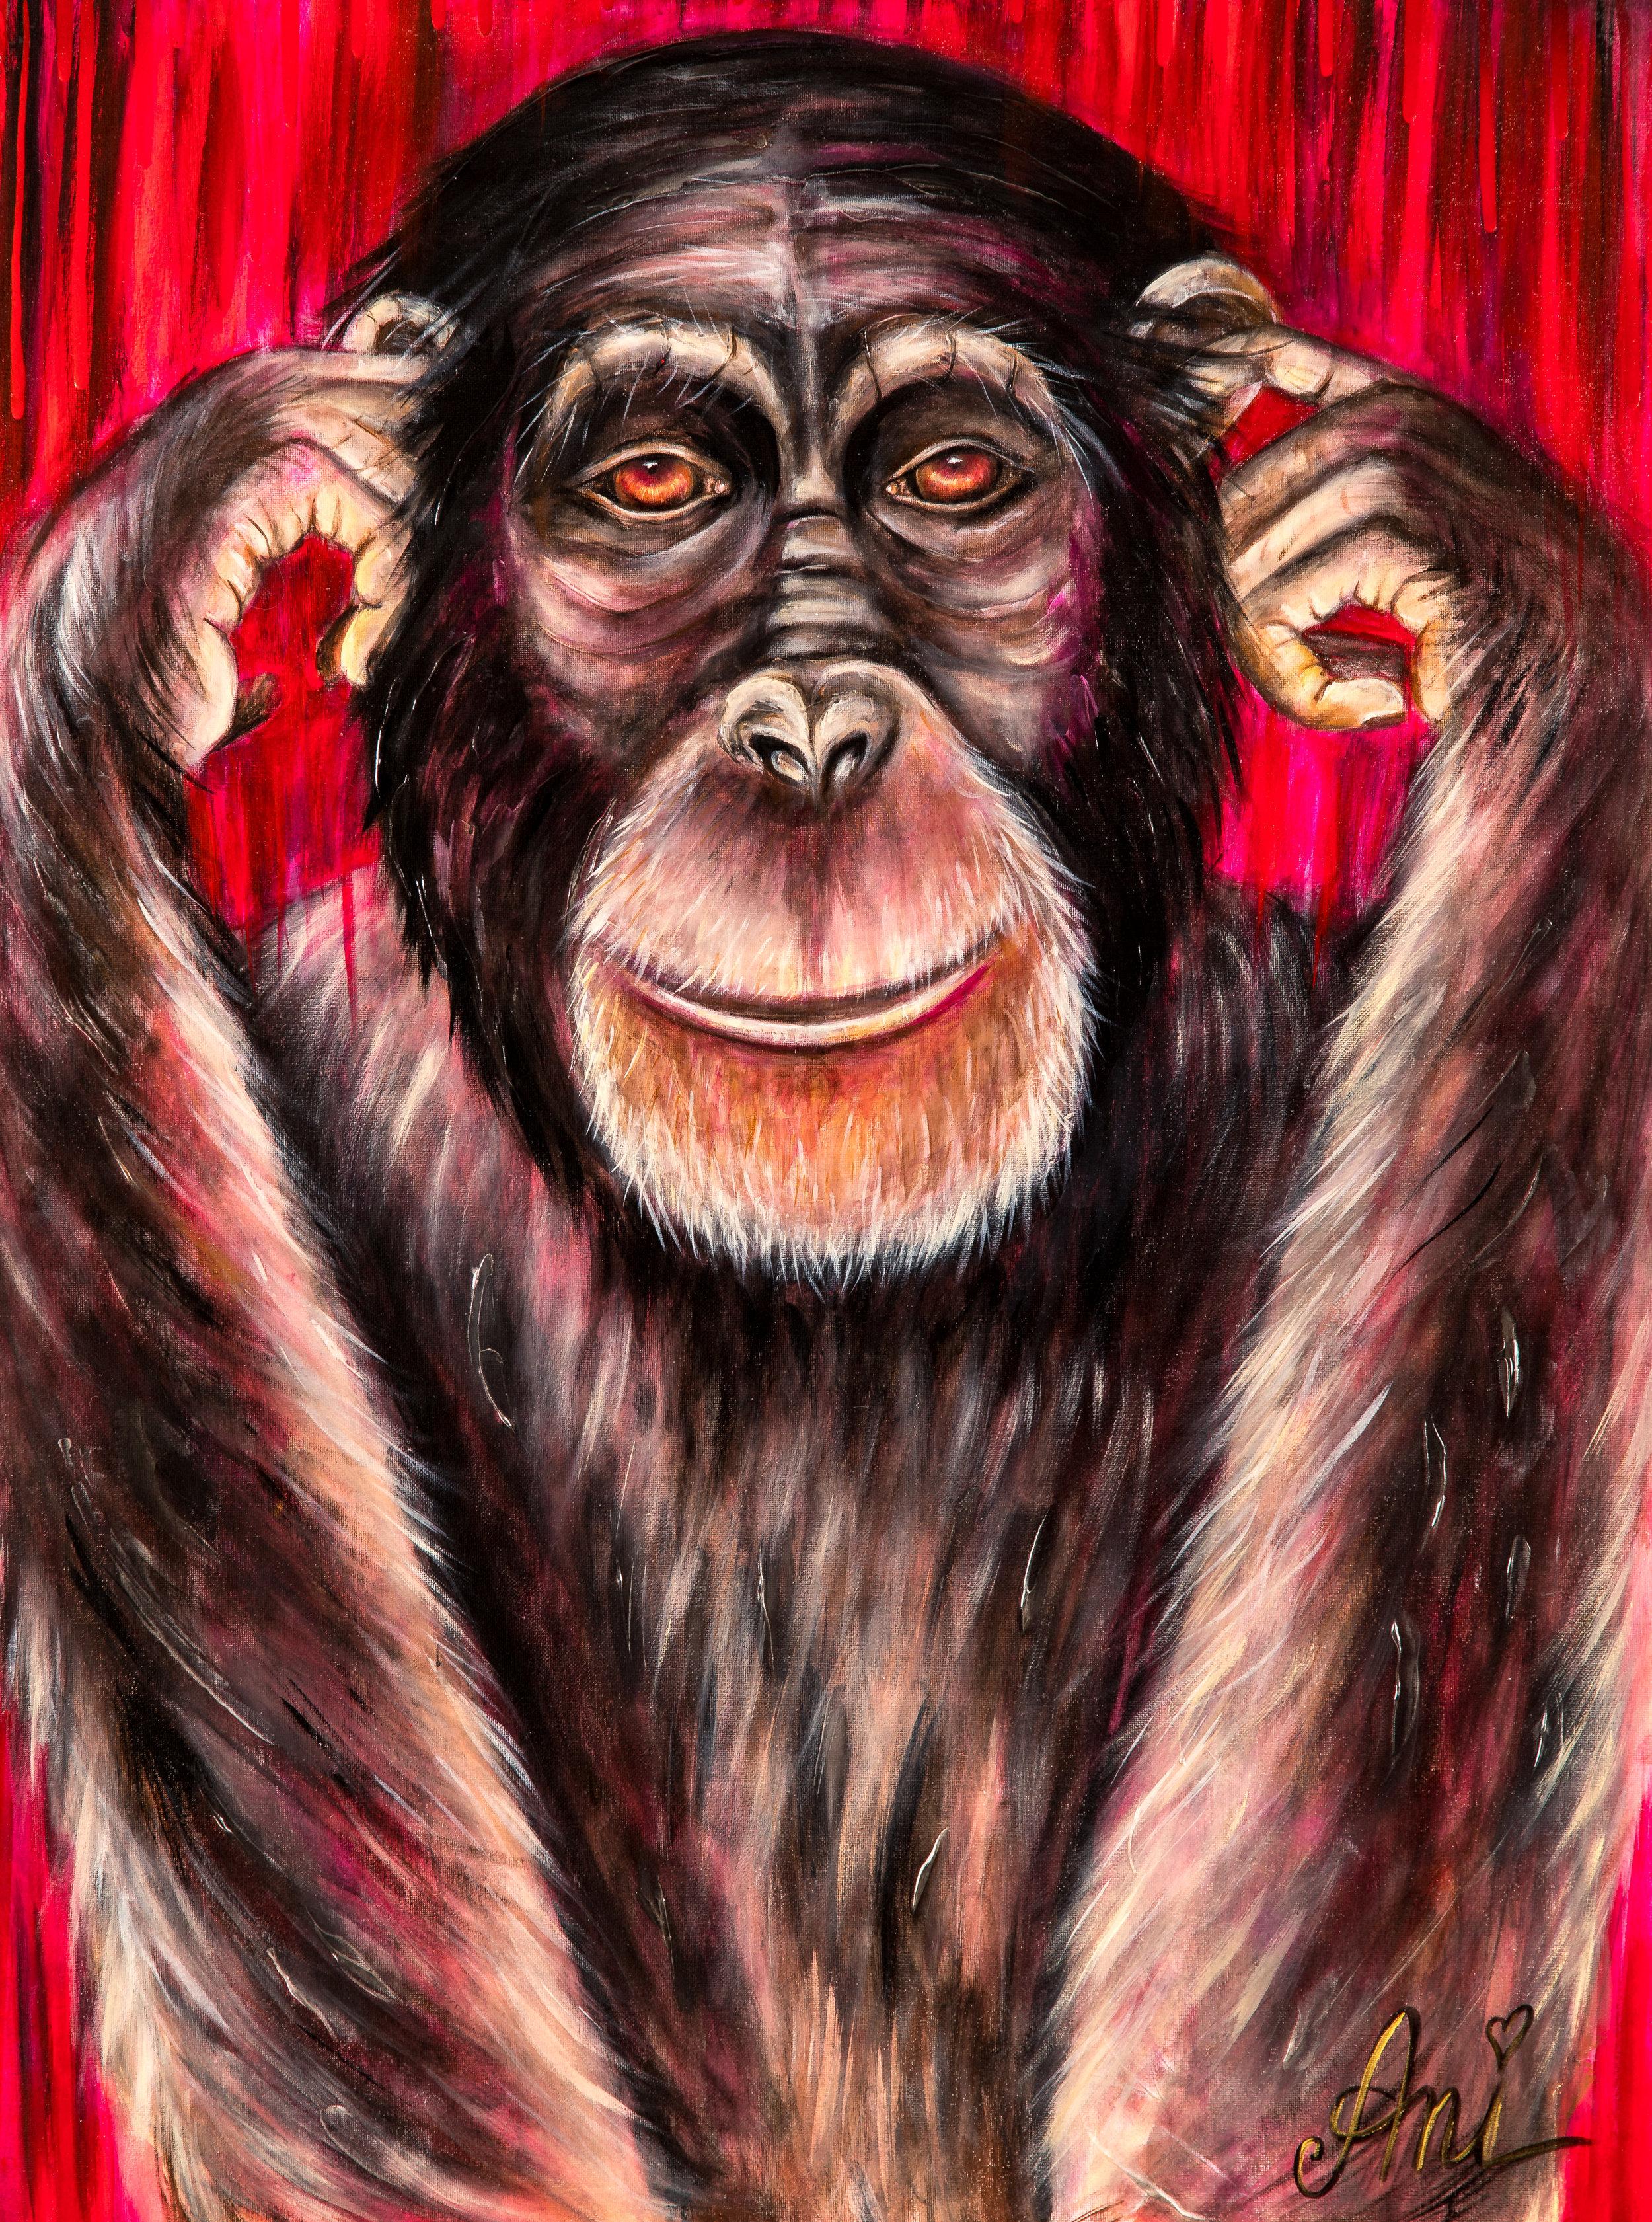 Le chimpanzé fait le sourd:  Peinture acrylique sur toile 3D, 100cm x 75cm  Prix: 250€ + frais de livraison